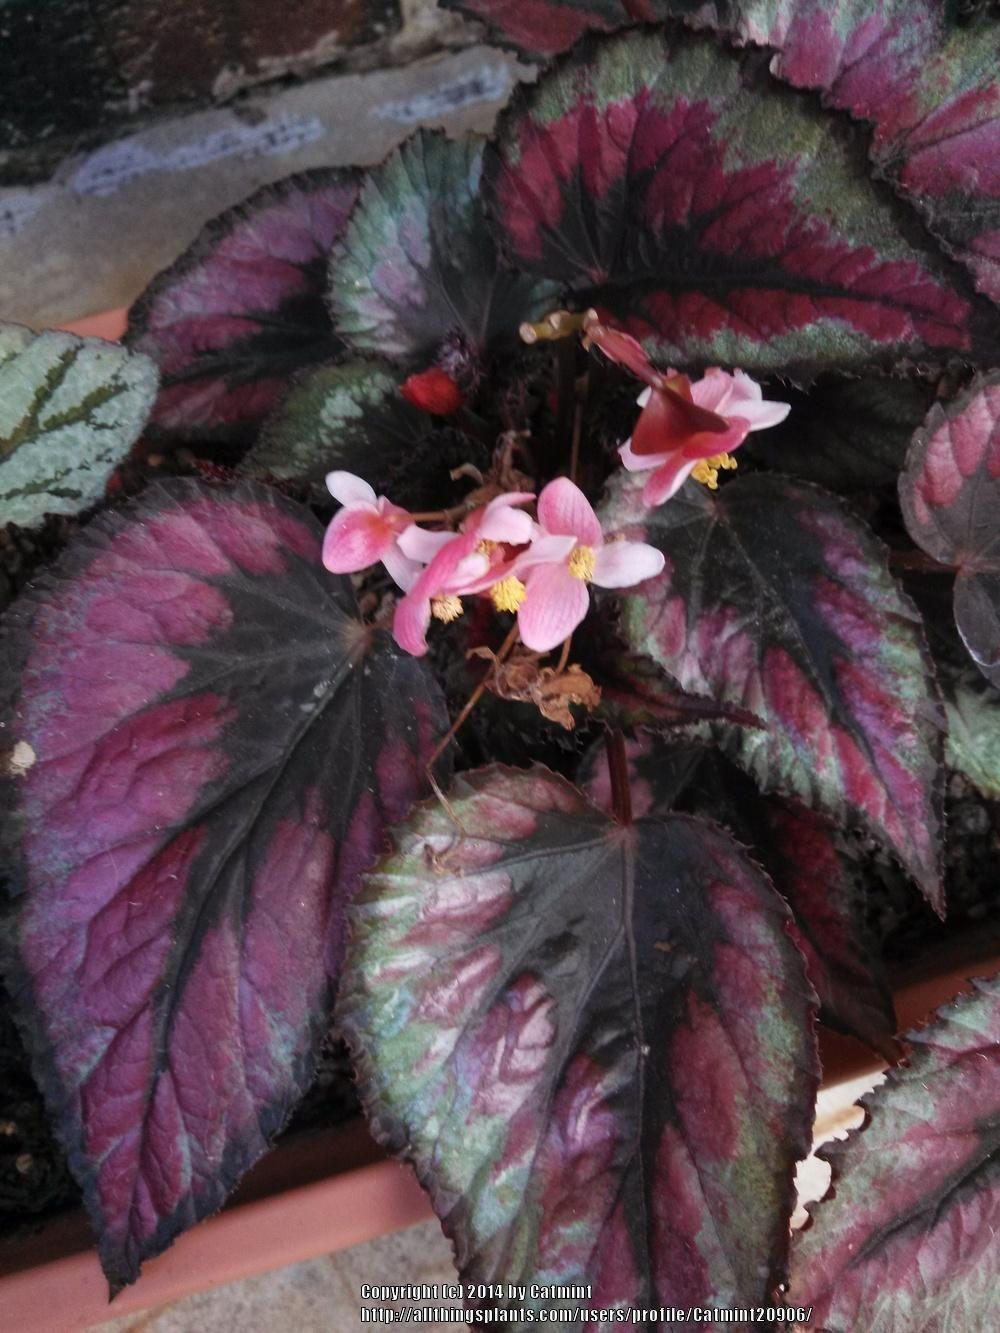 Auf Bing Von Garden Org Gefunden Begonia Tropical Plants African Violets